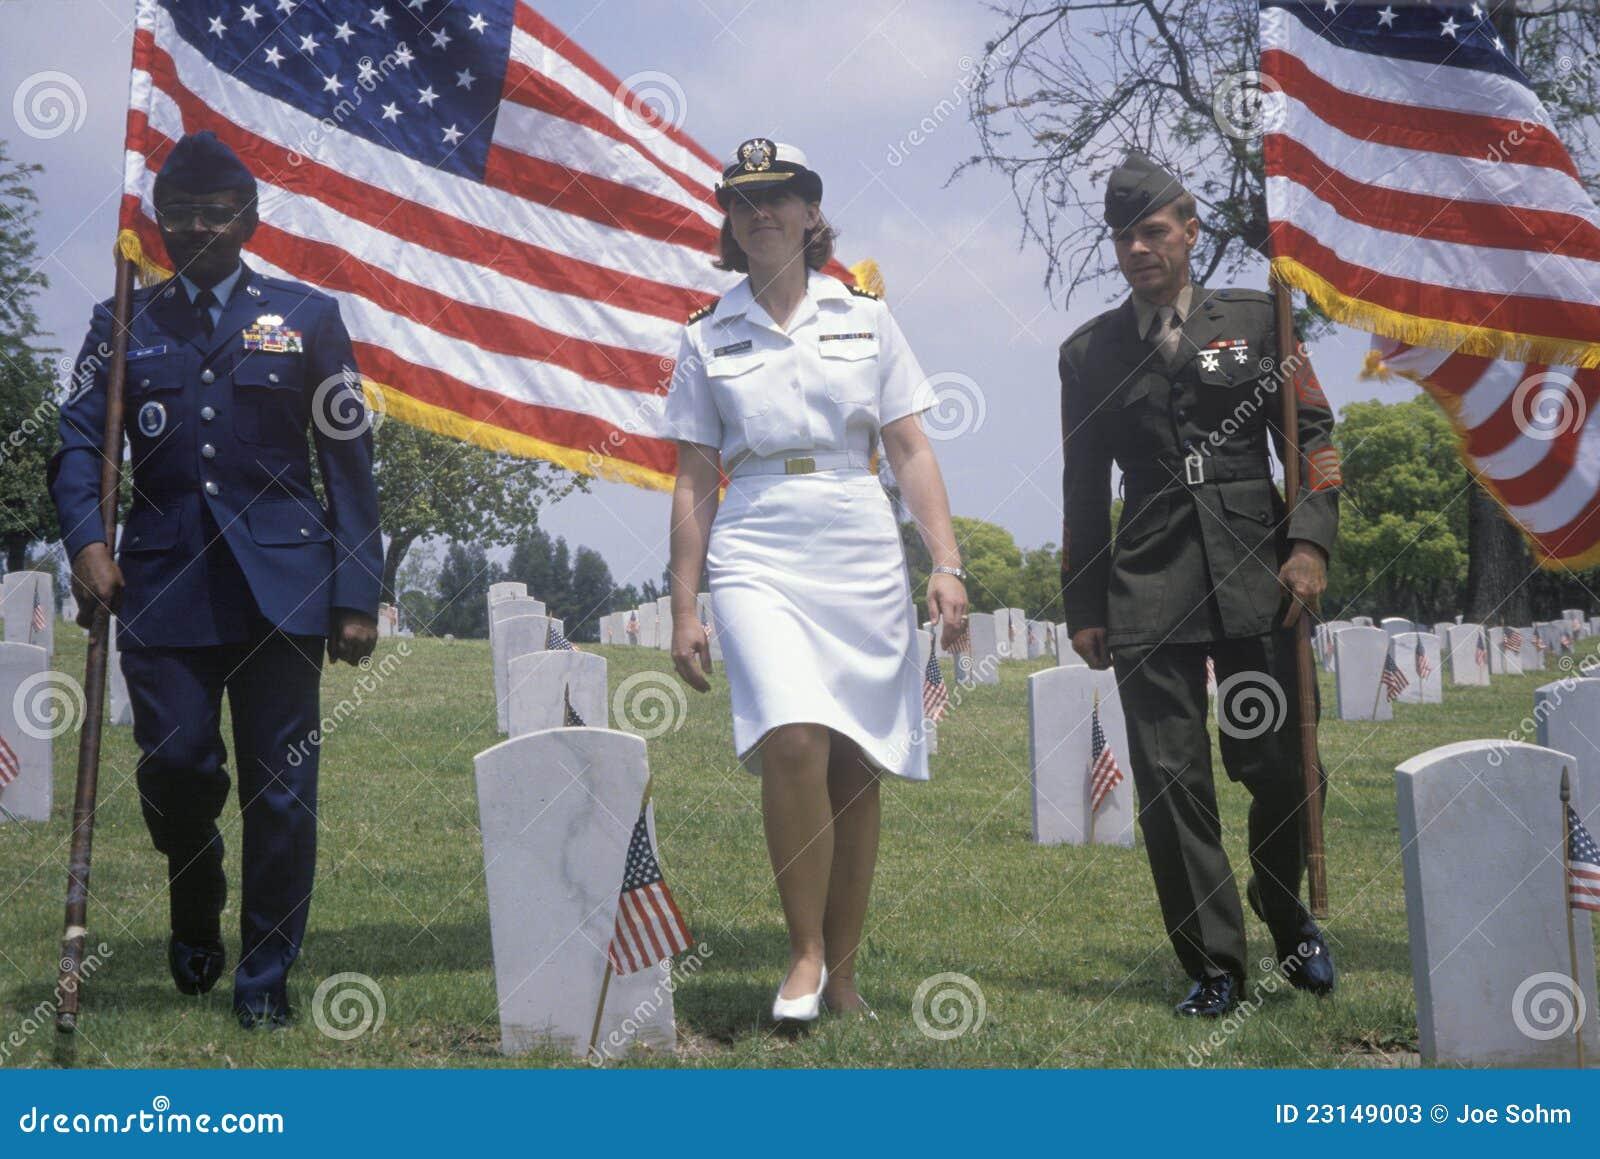 Στρατιωτικό χρώμα guart στο νεκροταφείο του παλαιμάχου